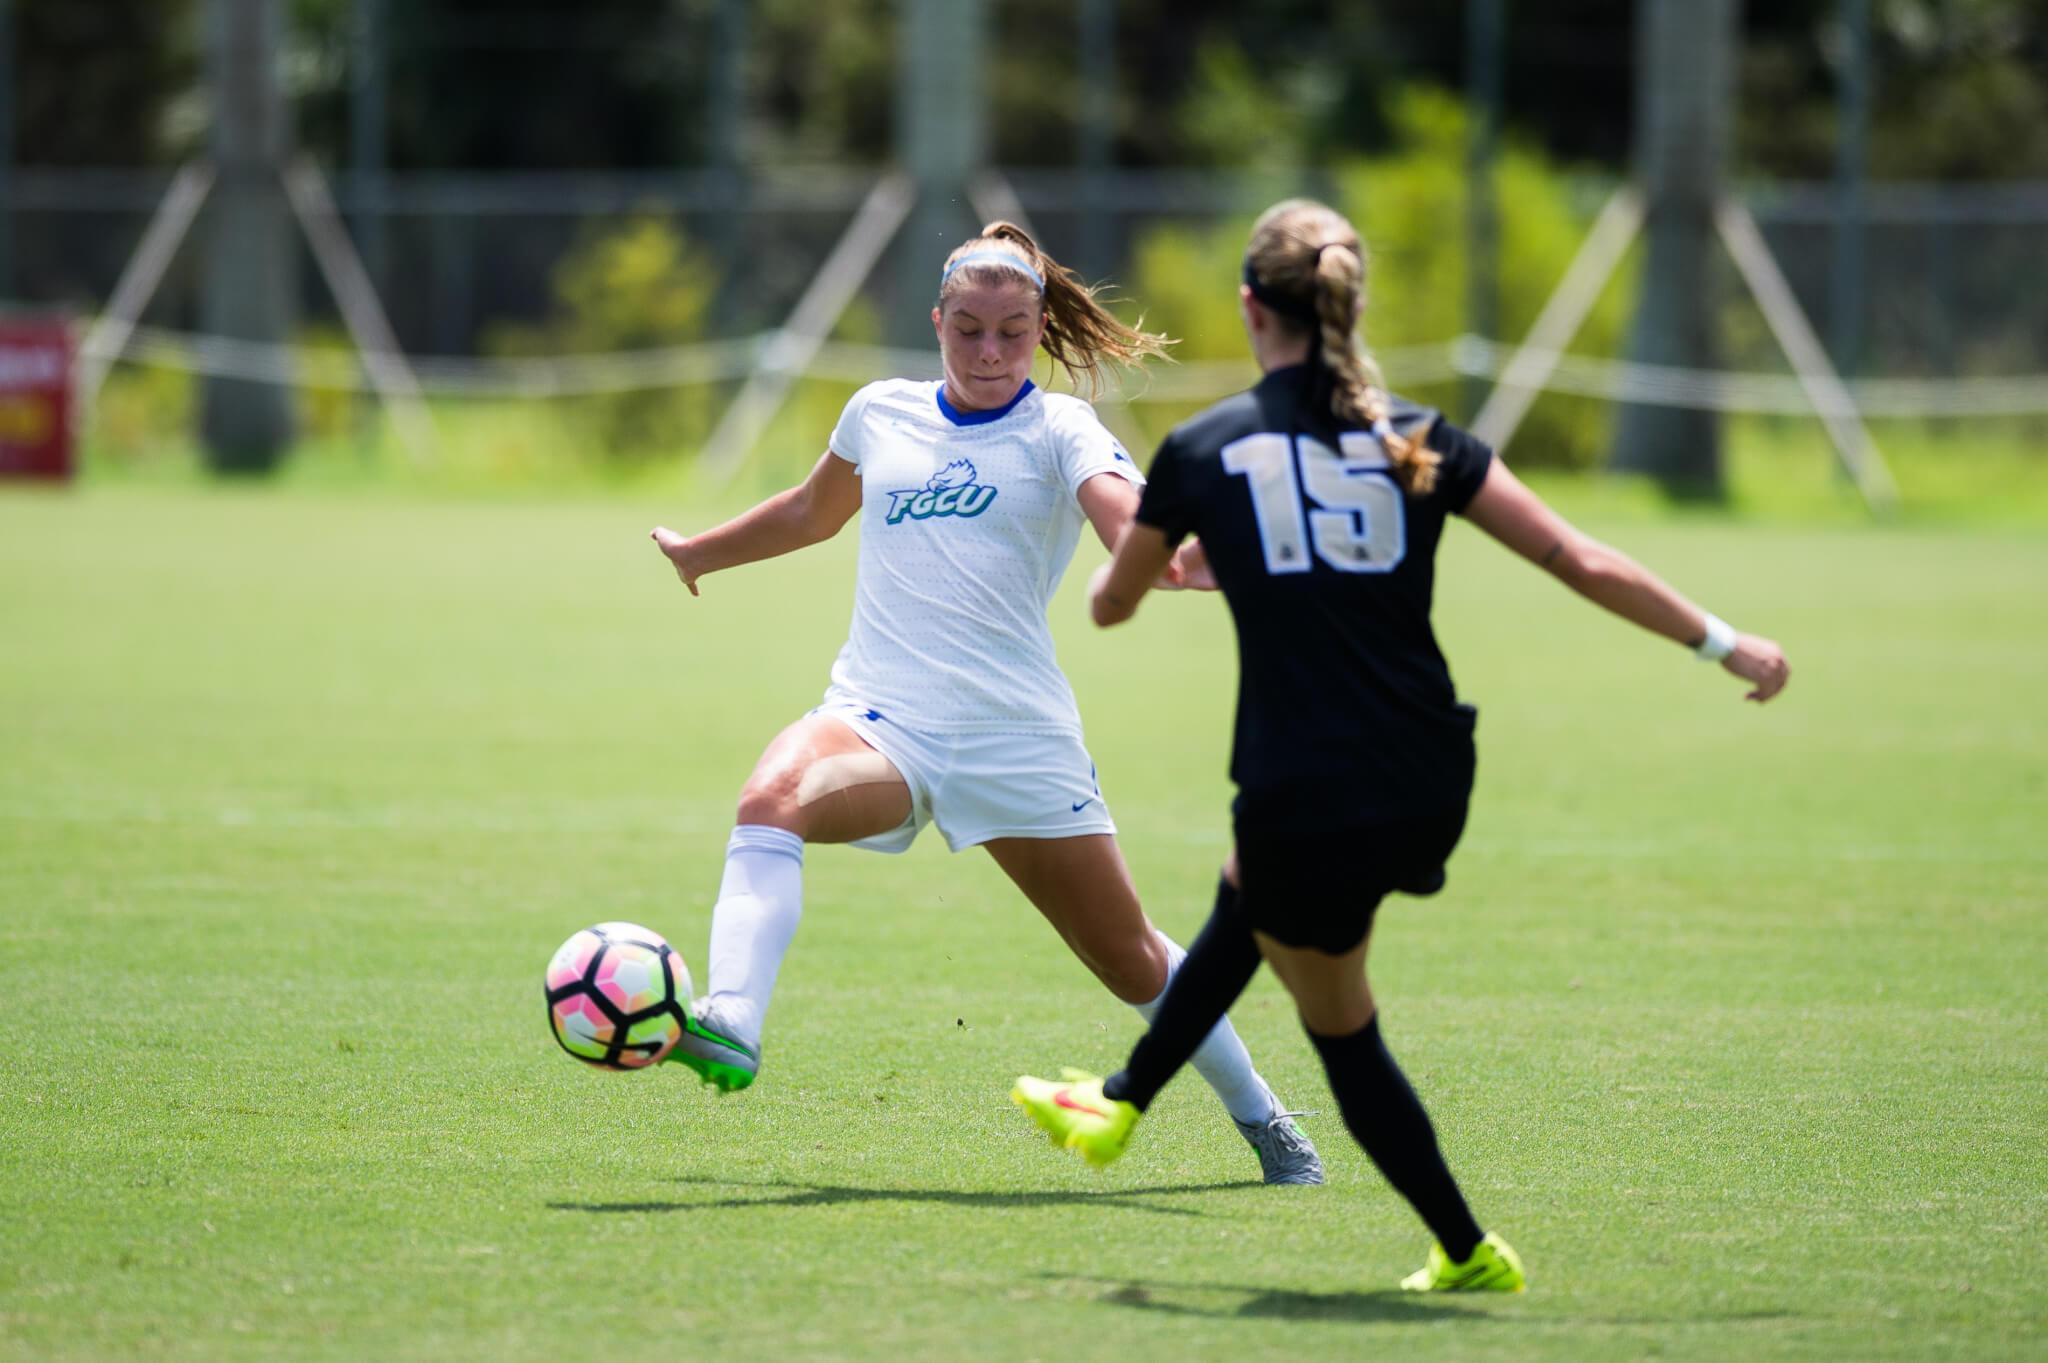 Preview: FGCU women's soccer vs. NJIT